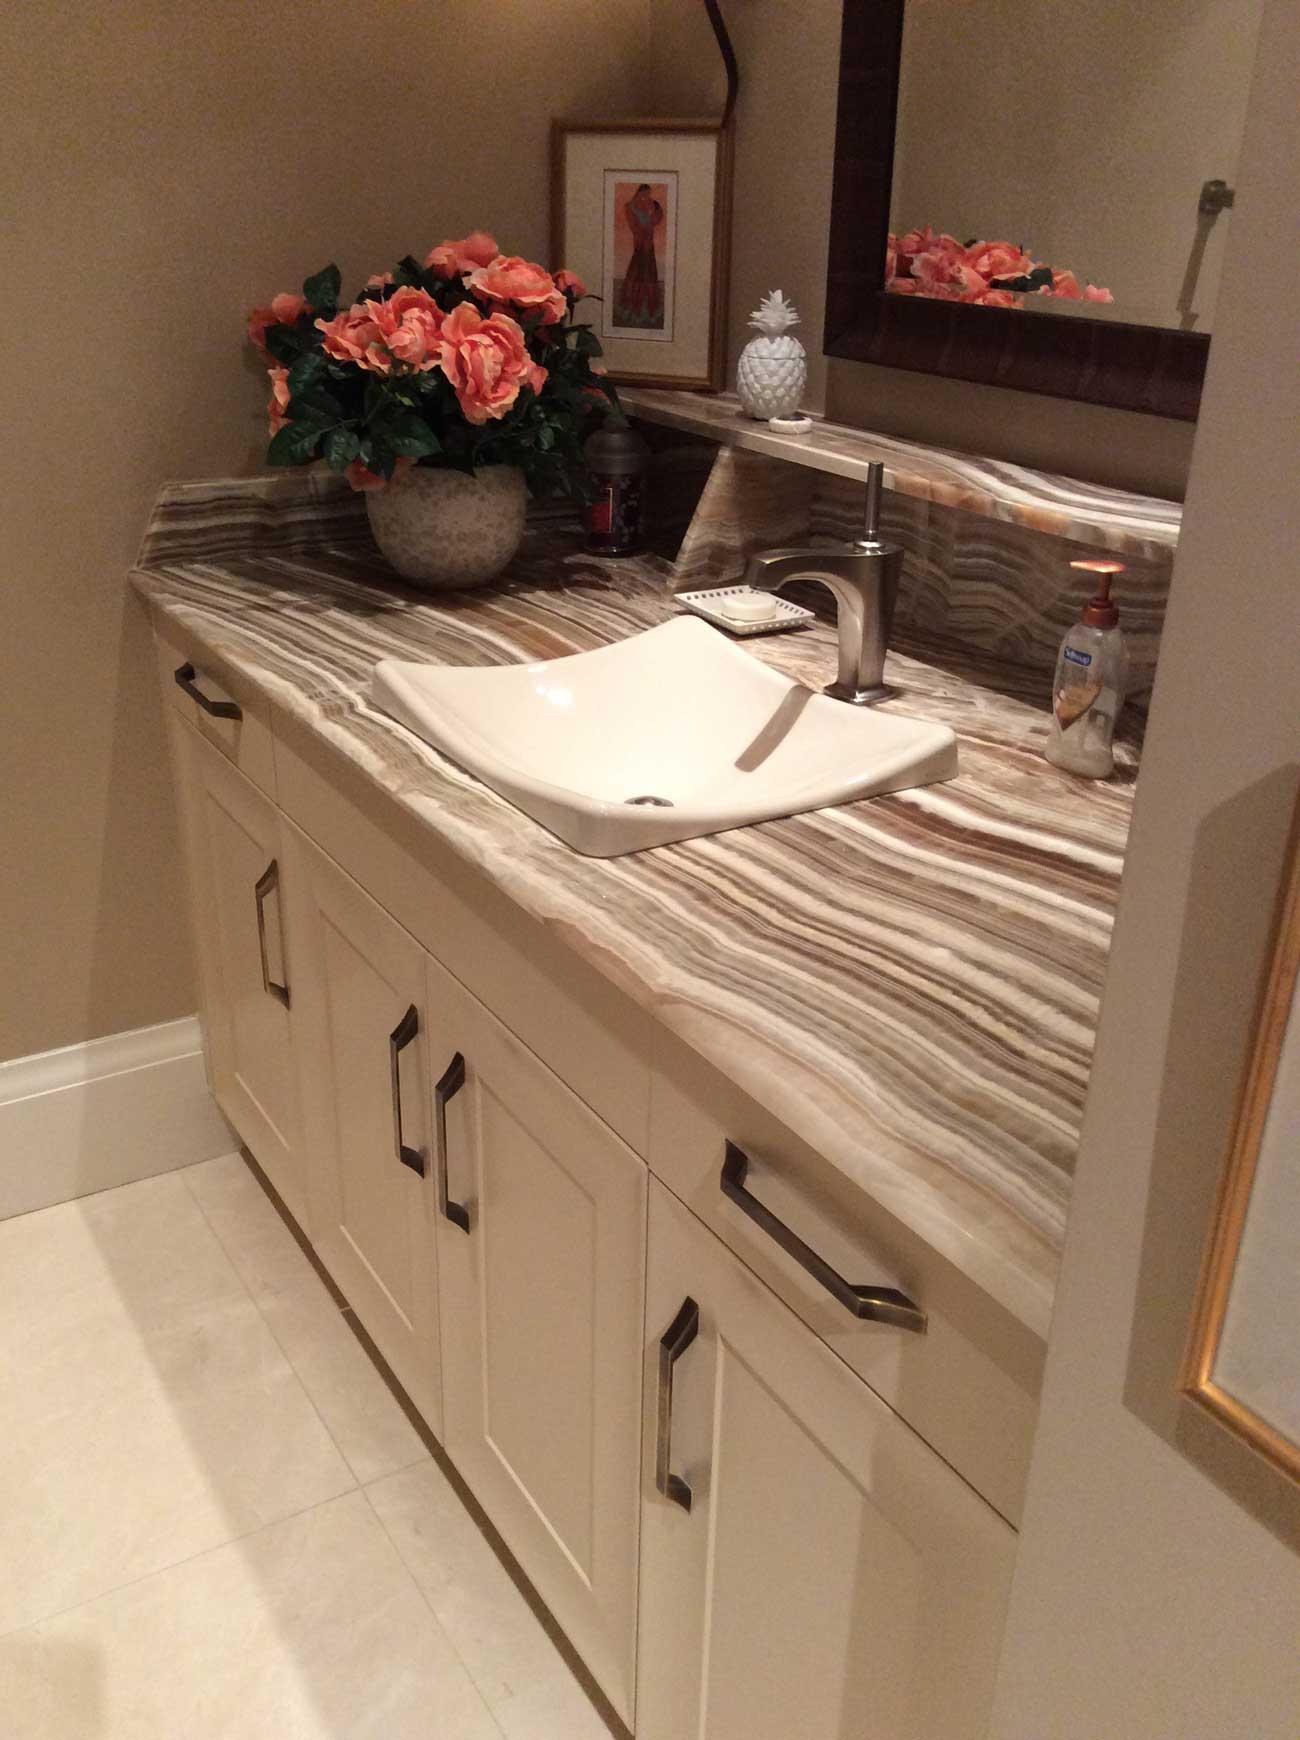 meubles denis laval uemobilier de jardin style abris. Black Bedroom Furniture Sets. Home Design Ideas